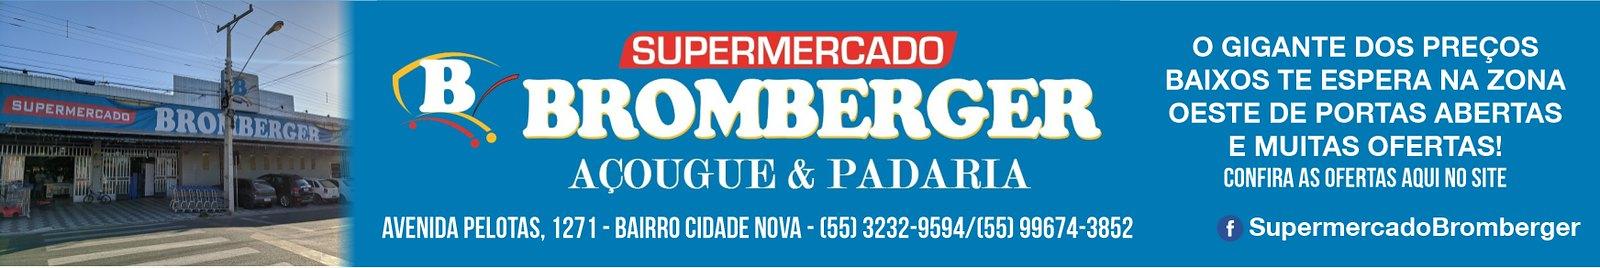 Supermercado Bromberger - O gigante dos preços baixos em São Gabriel!